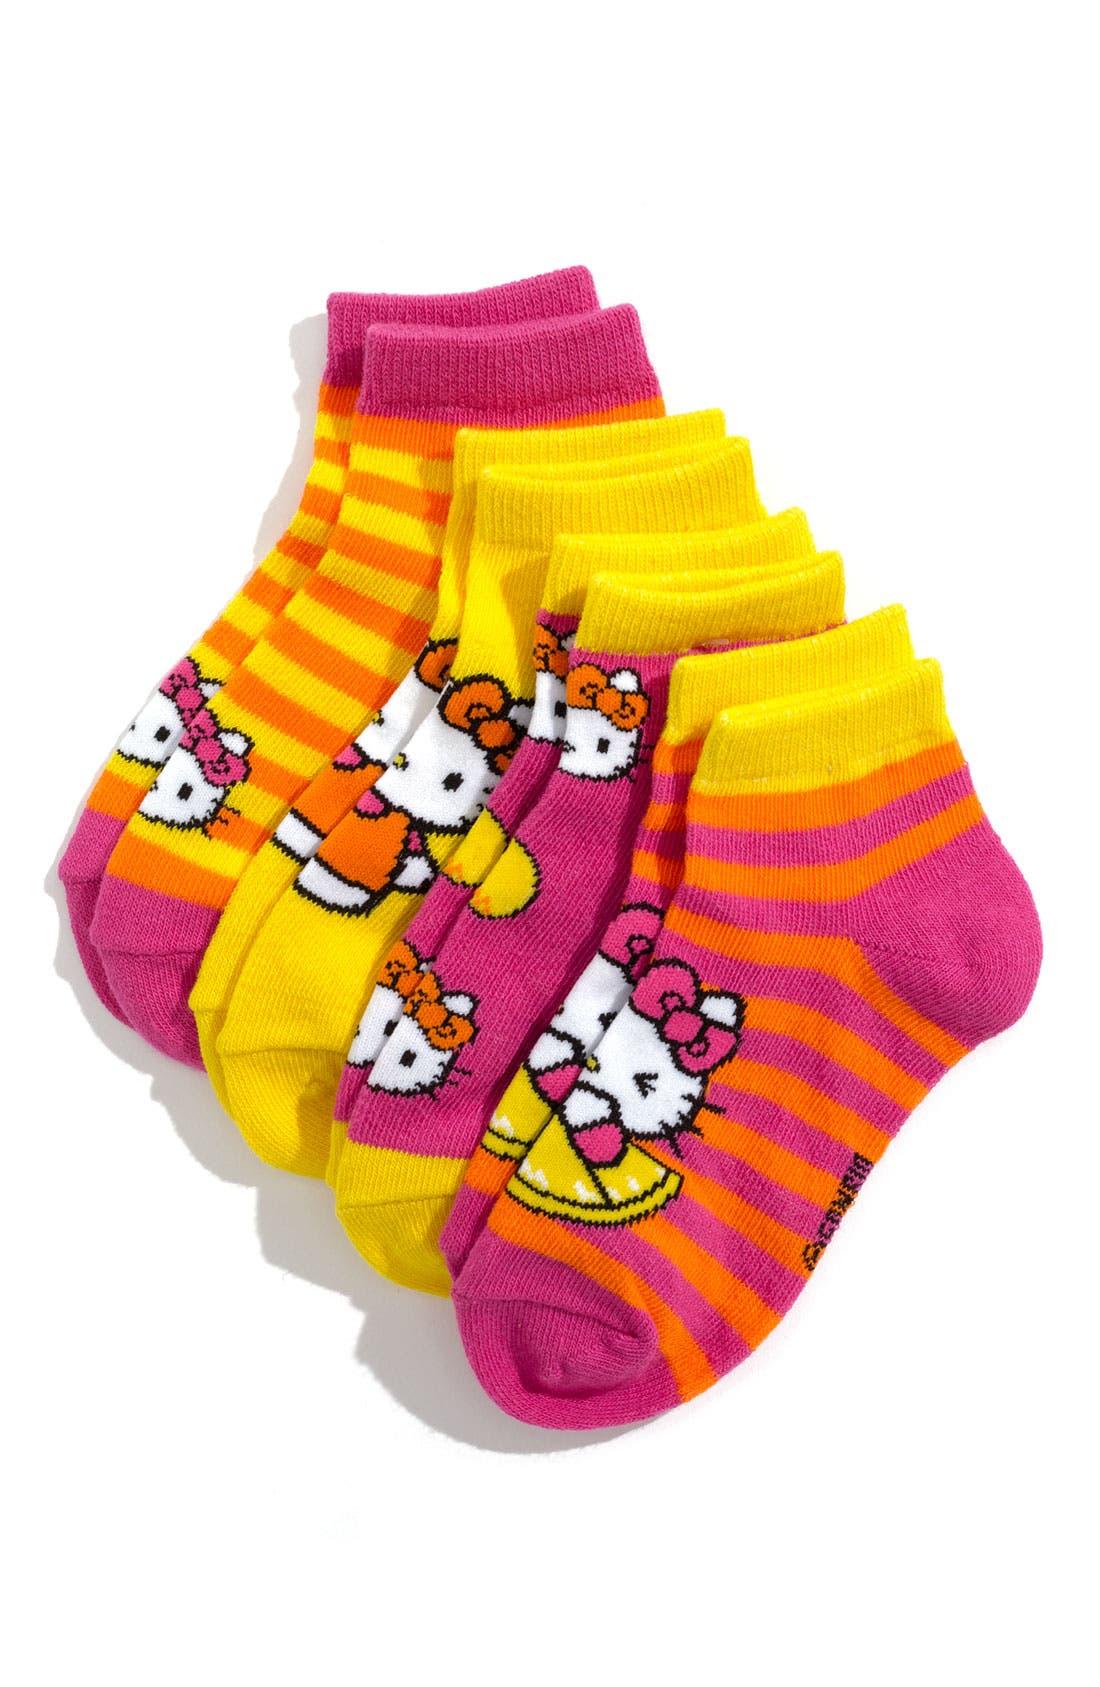 Alternate Image 1 Selected - Hello Kitty® 'Lemon' Quarter Length Socks (5-Pack) (Toddler, Little Girls & Big Girls)